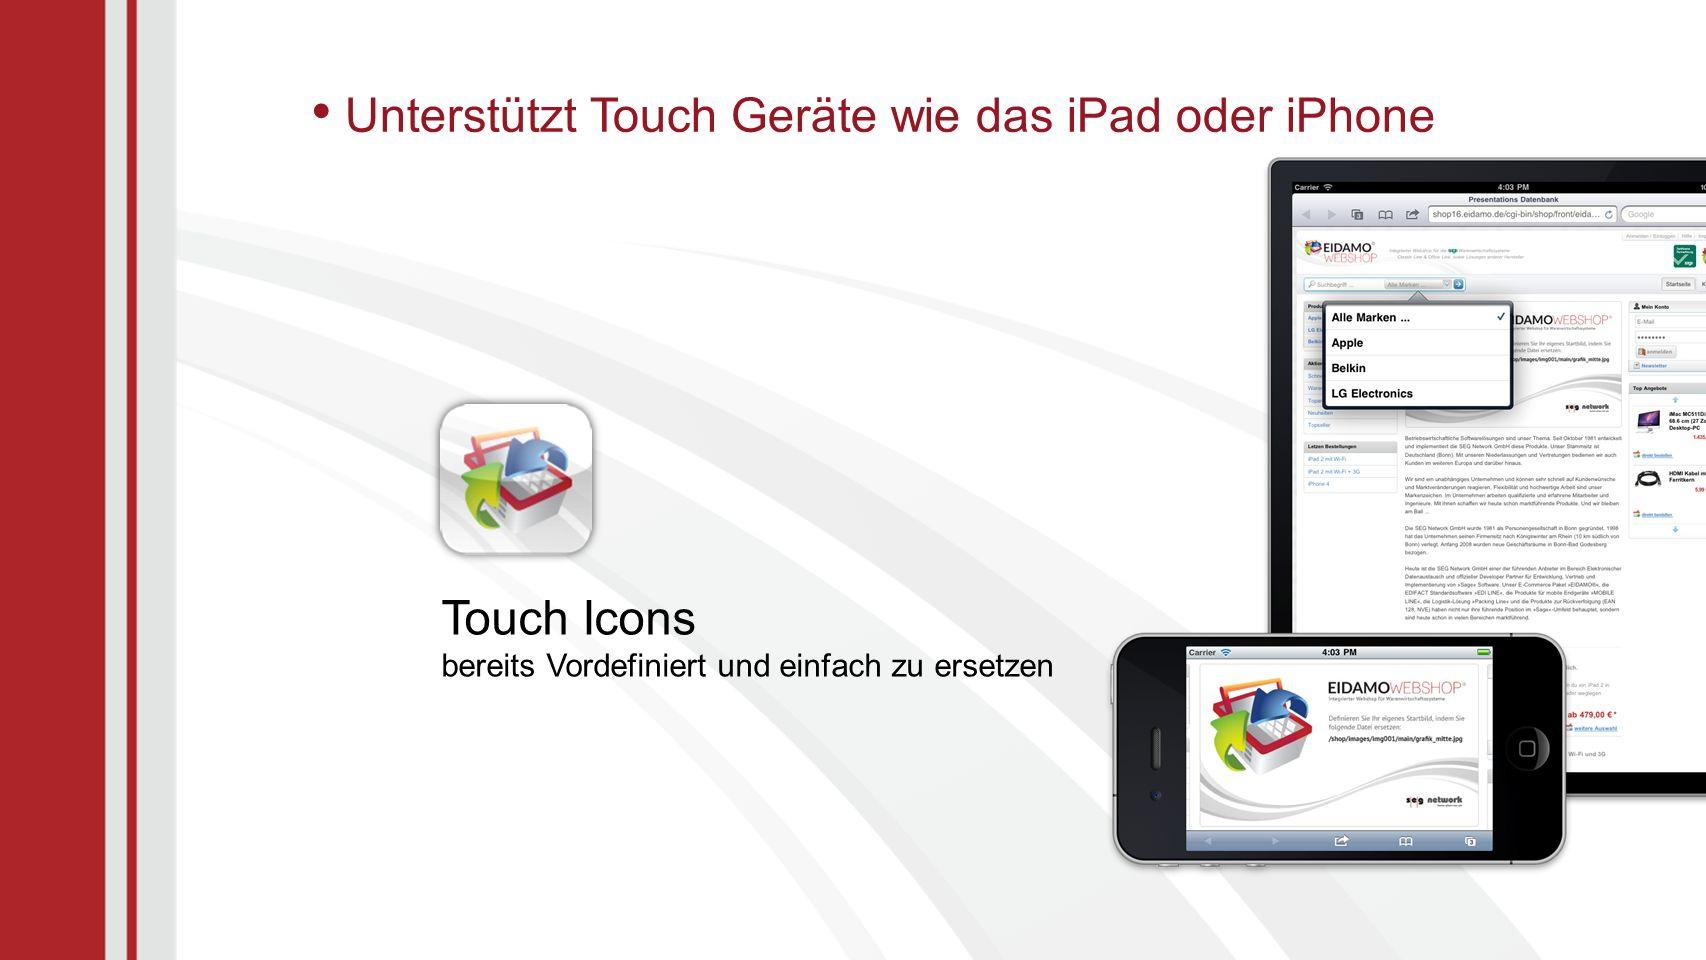 Unterstützt Touch Geräte wie das iPad oder iPhone Touch Icons bereits Vordefiniert und einfach zu ersetzen